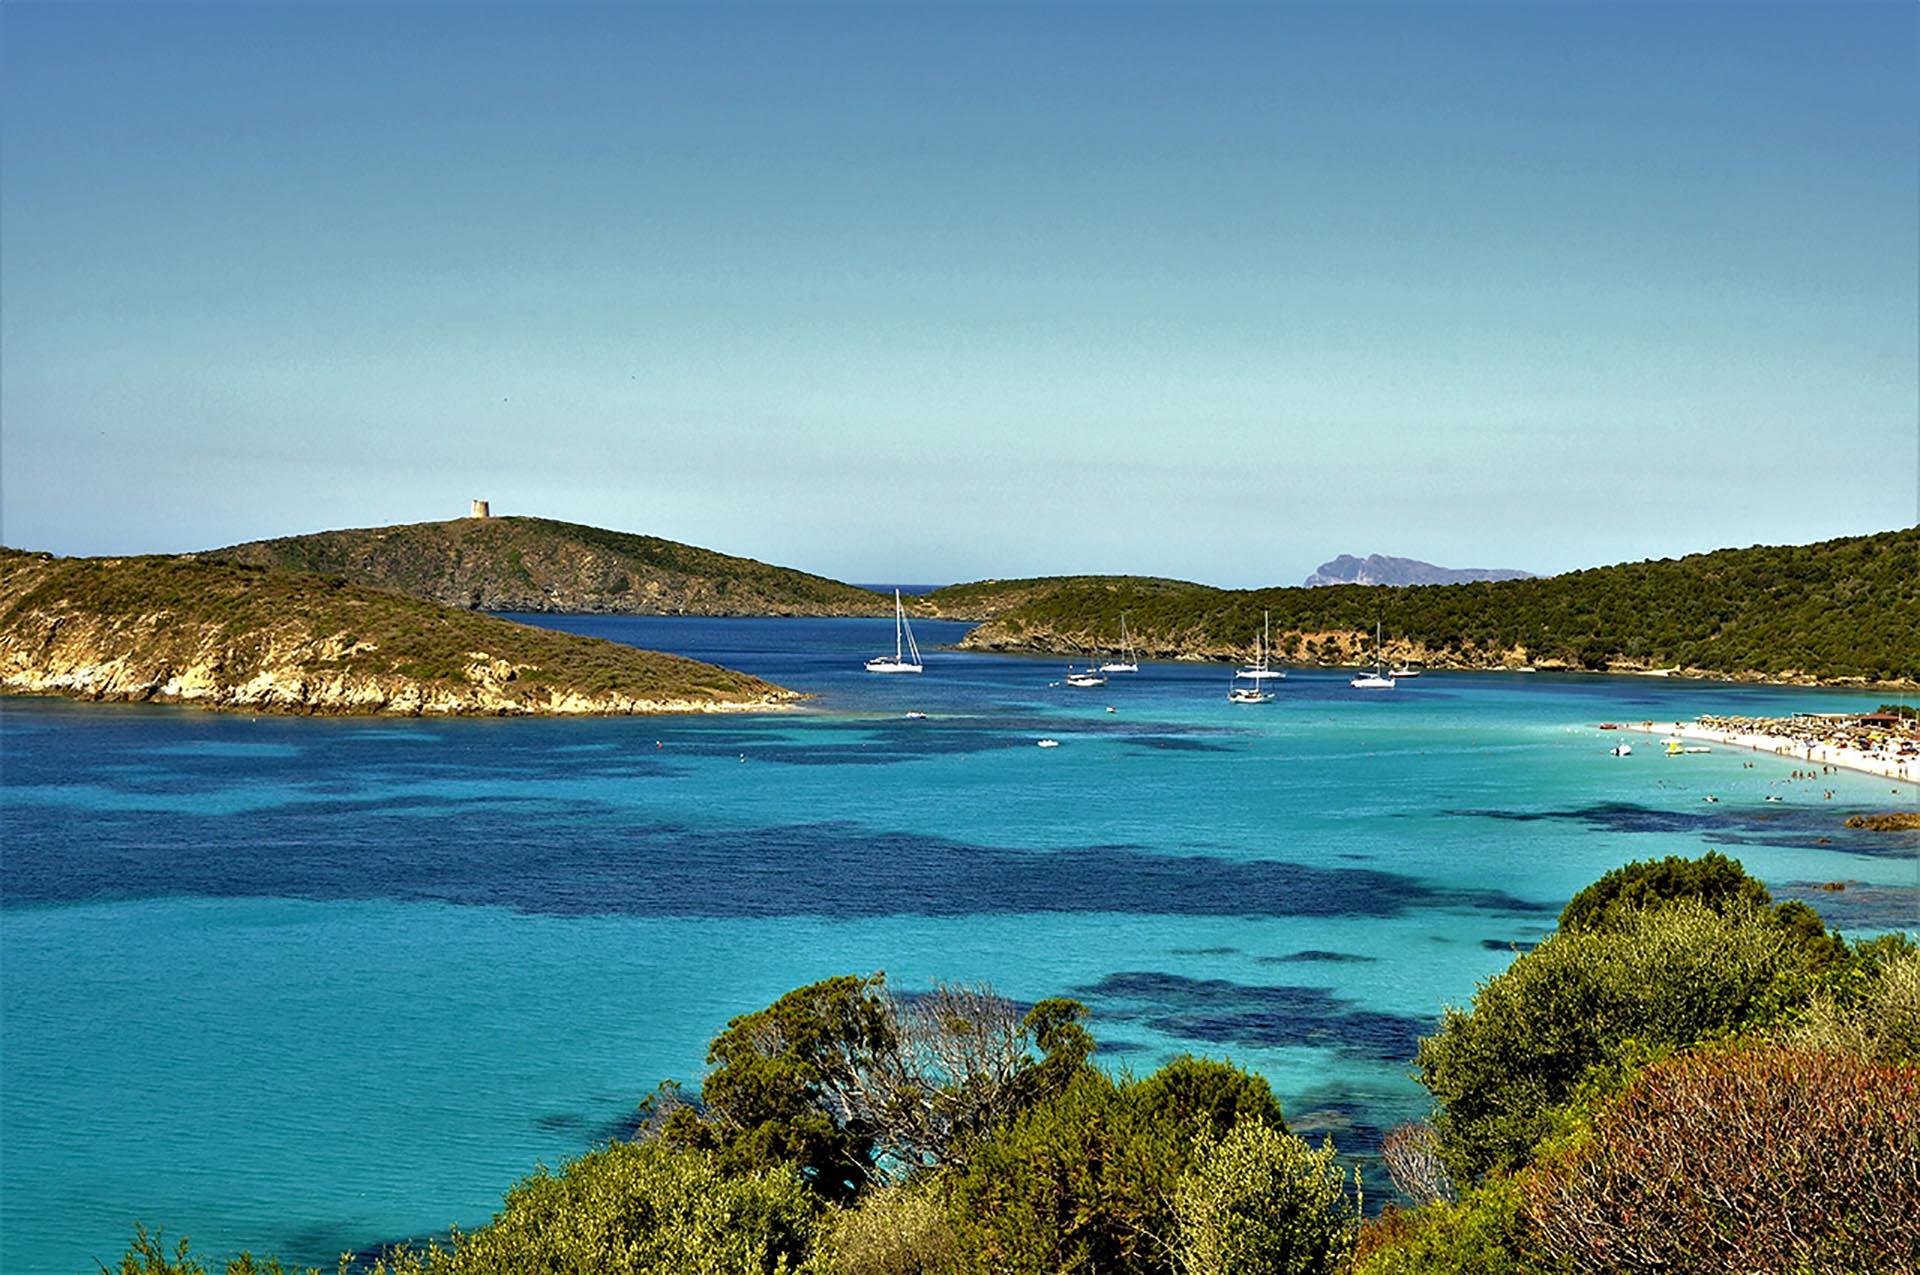 Spiaggia di Tuerredda, Sardegna